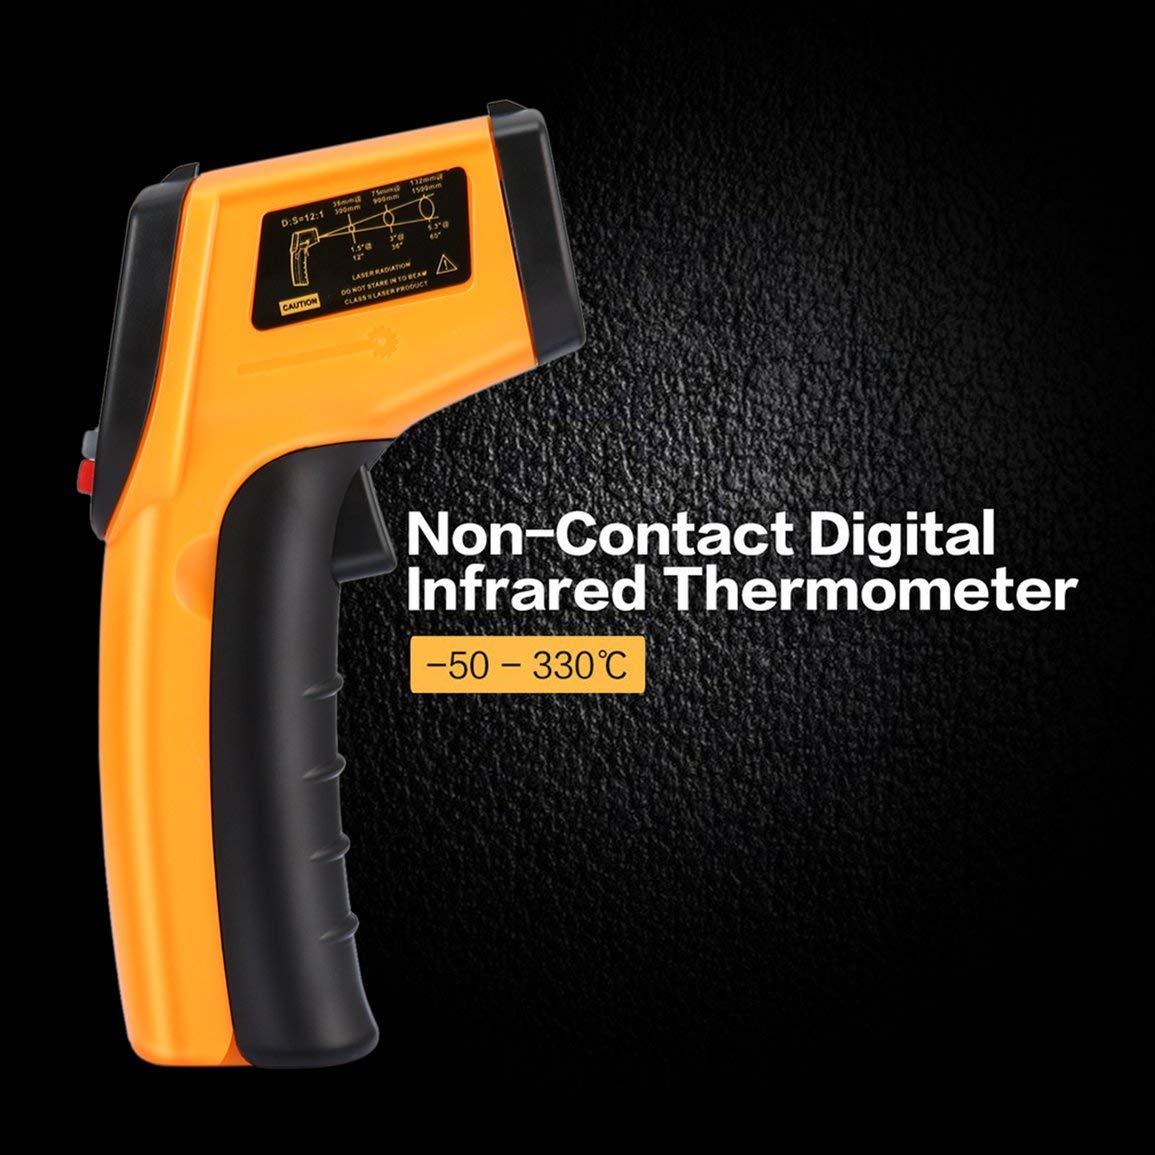 Colore: giallo Termometro digitale a infrarossi senza contatto Pistola Termometro a infrarossi Punto laser IR Termocamera a infrarossi Temperatura Misuratore palmare Pirometro